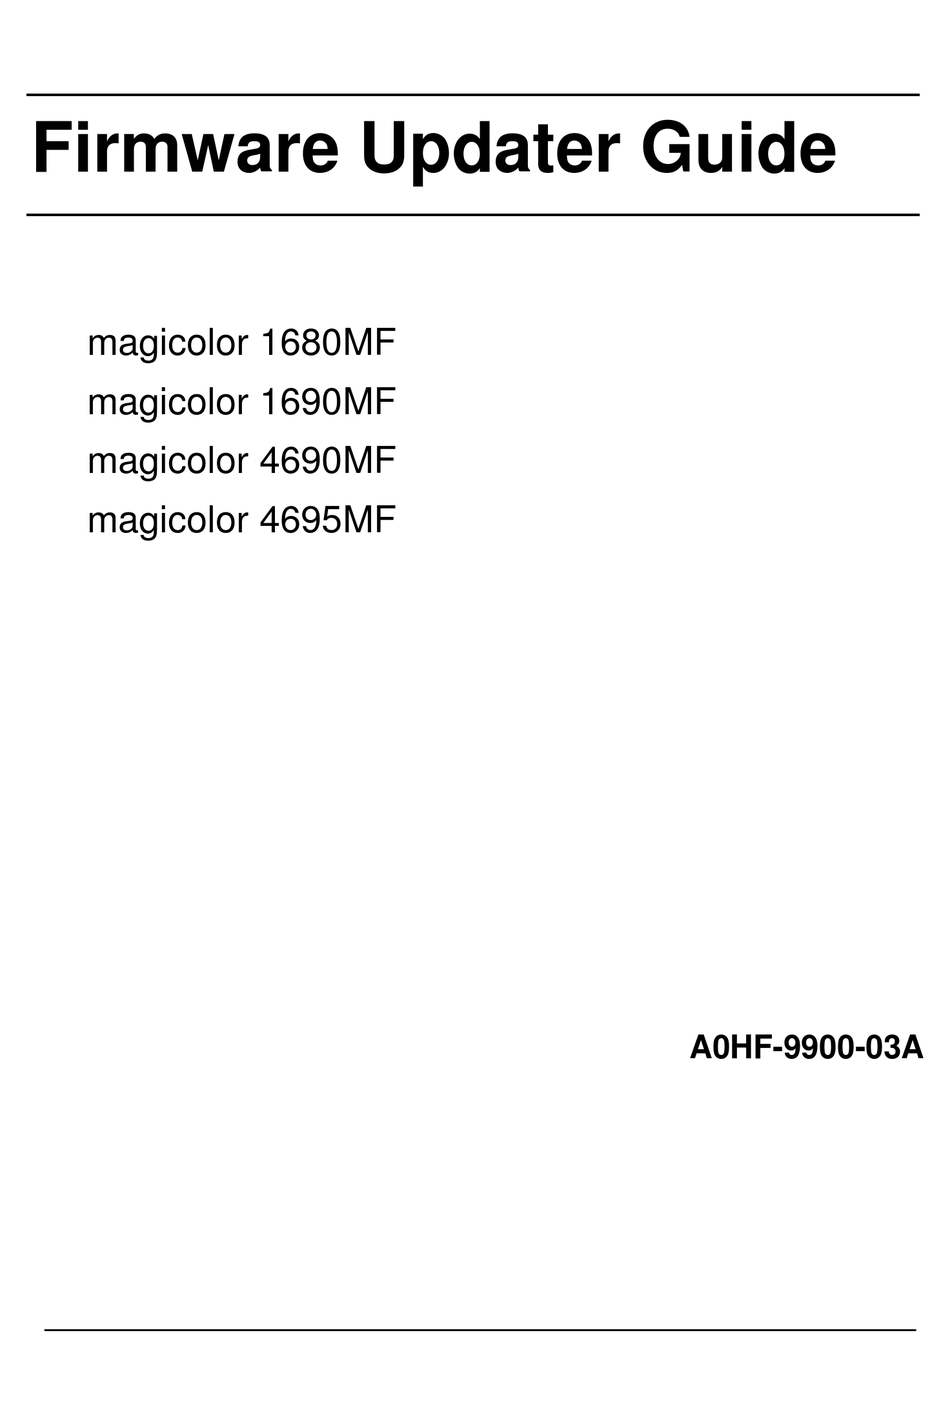 Software Printer Magicolor 1690Mf / Download the latest